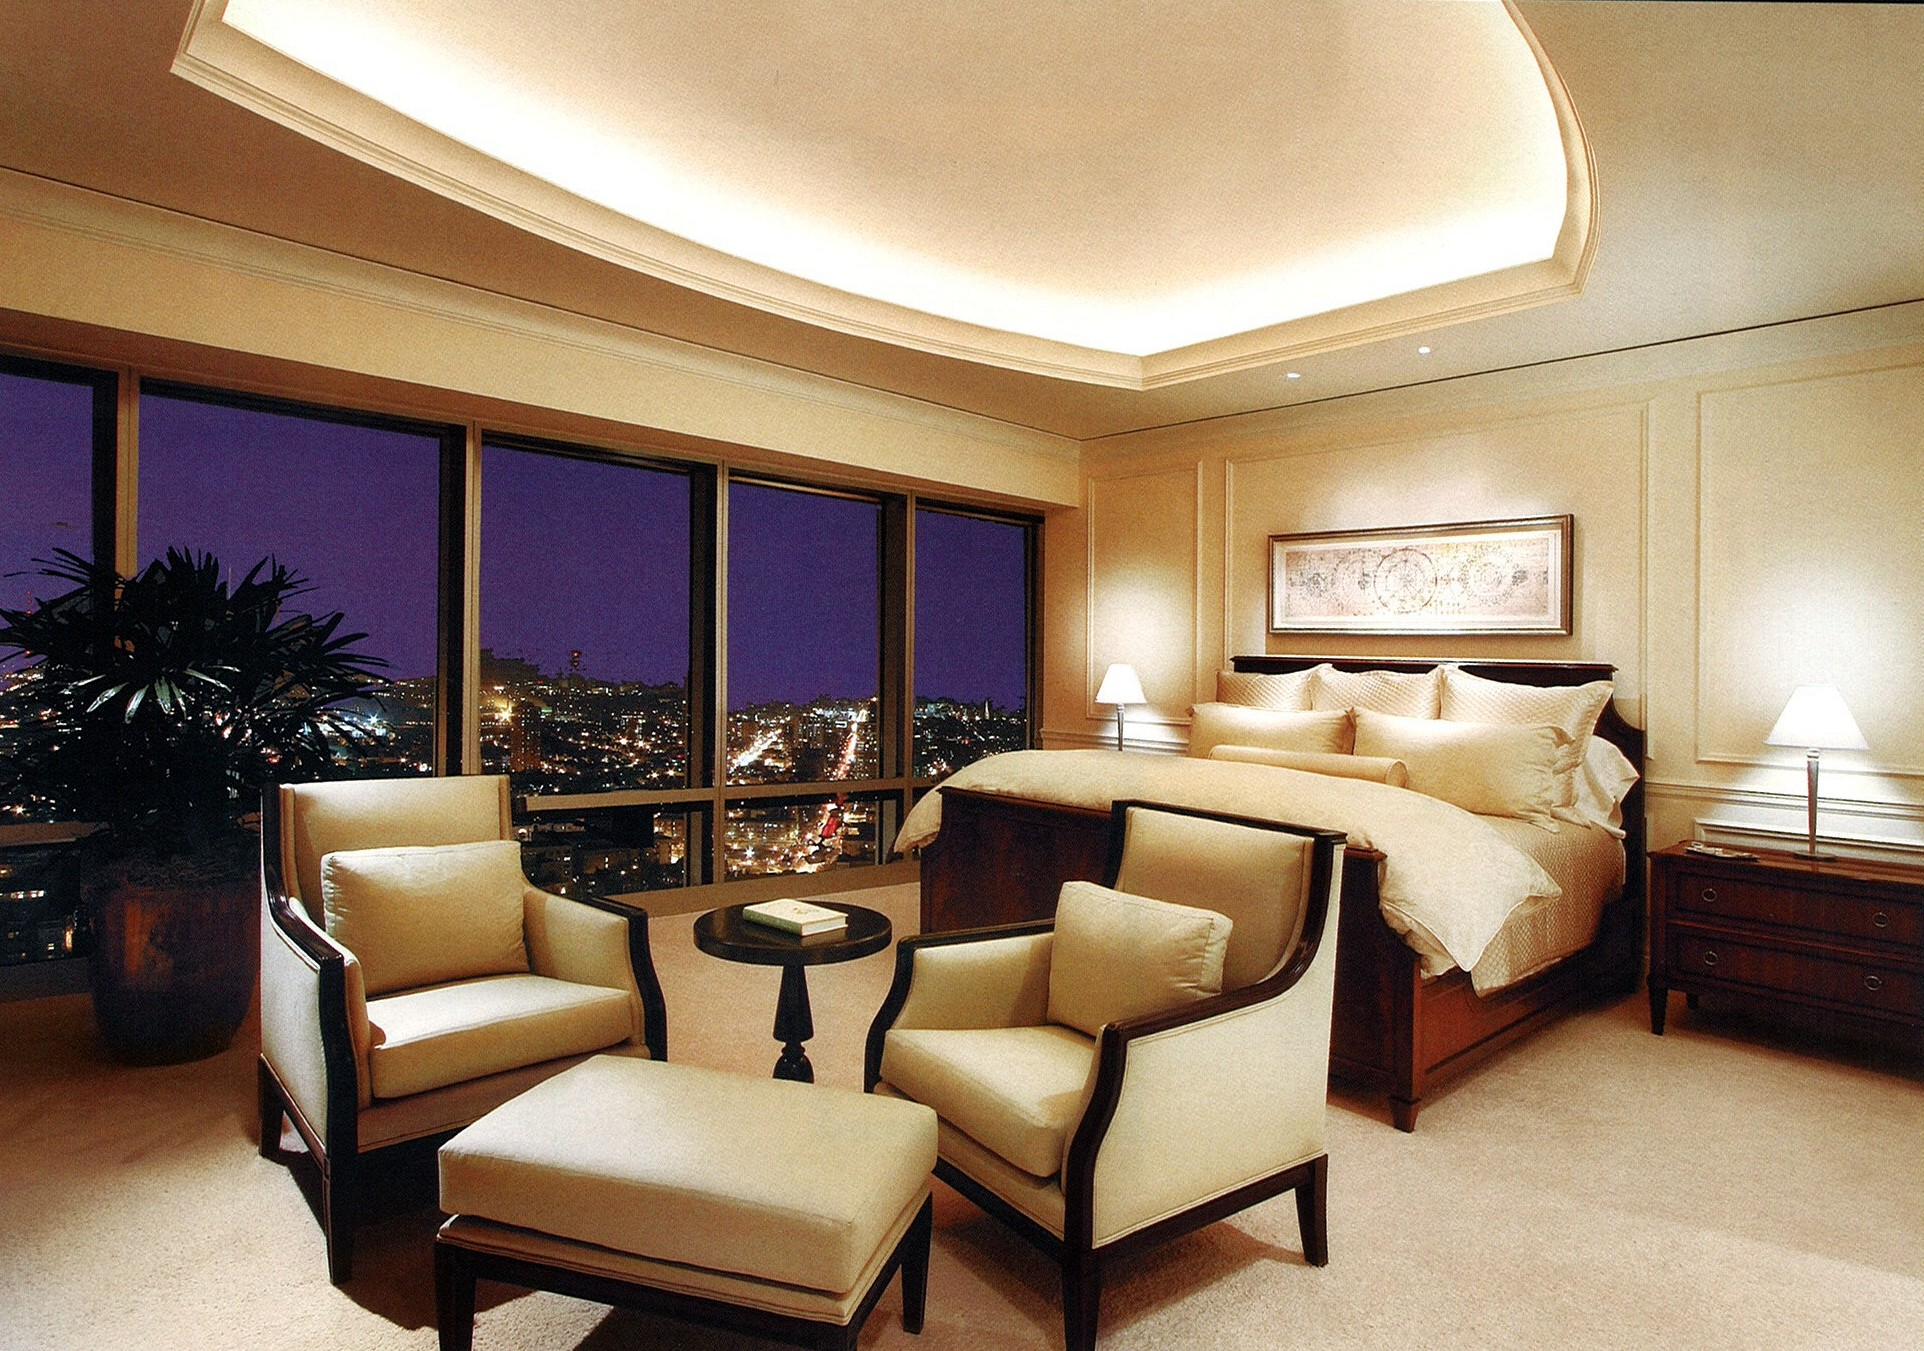 Kilbourn Master Bedroom 2